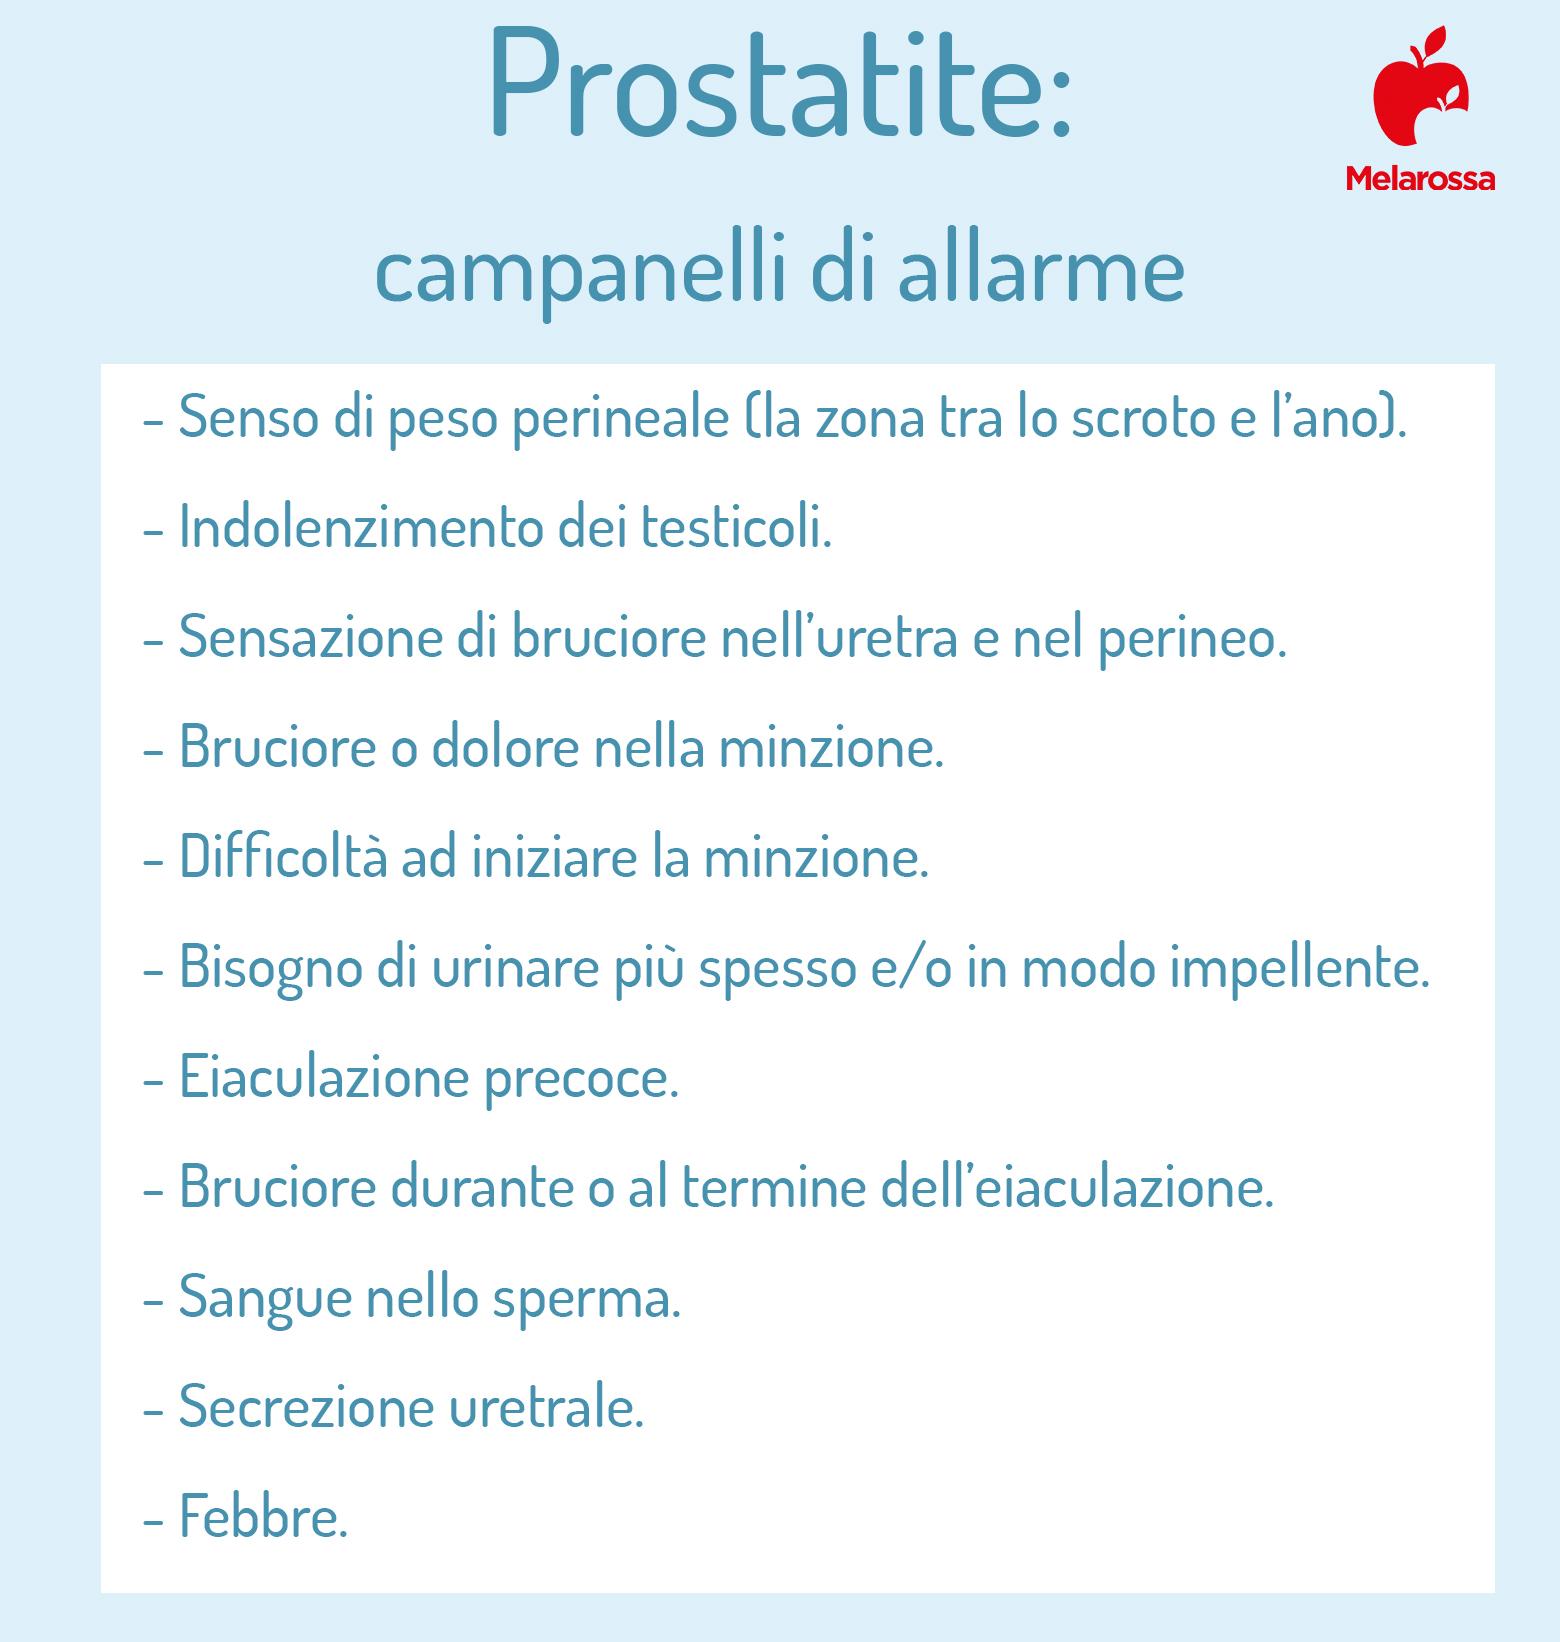 prostata e prostatite: quando preoccuparsi